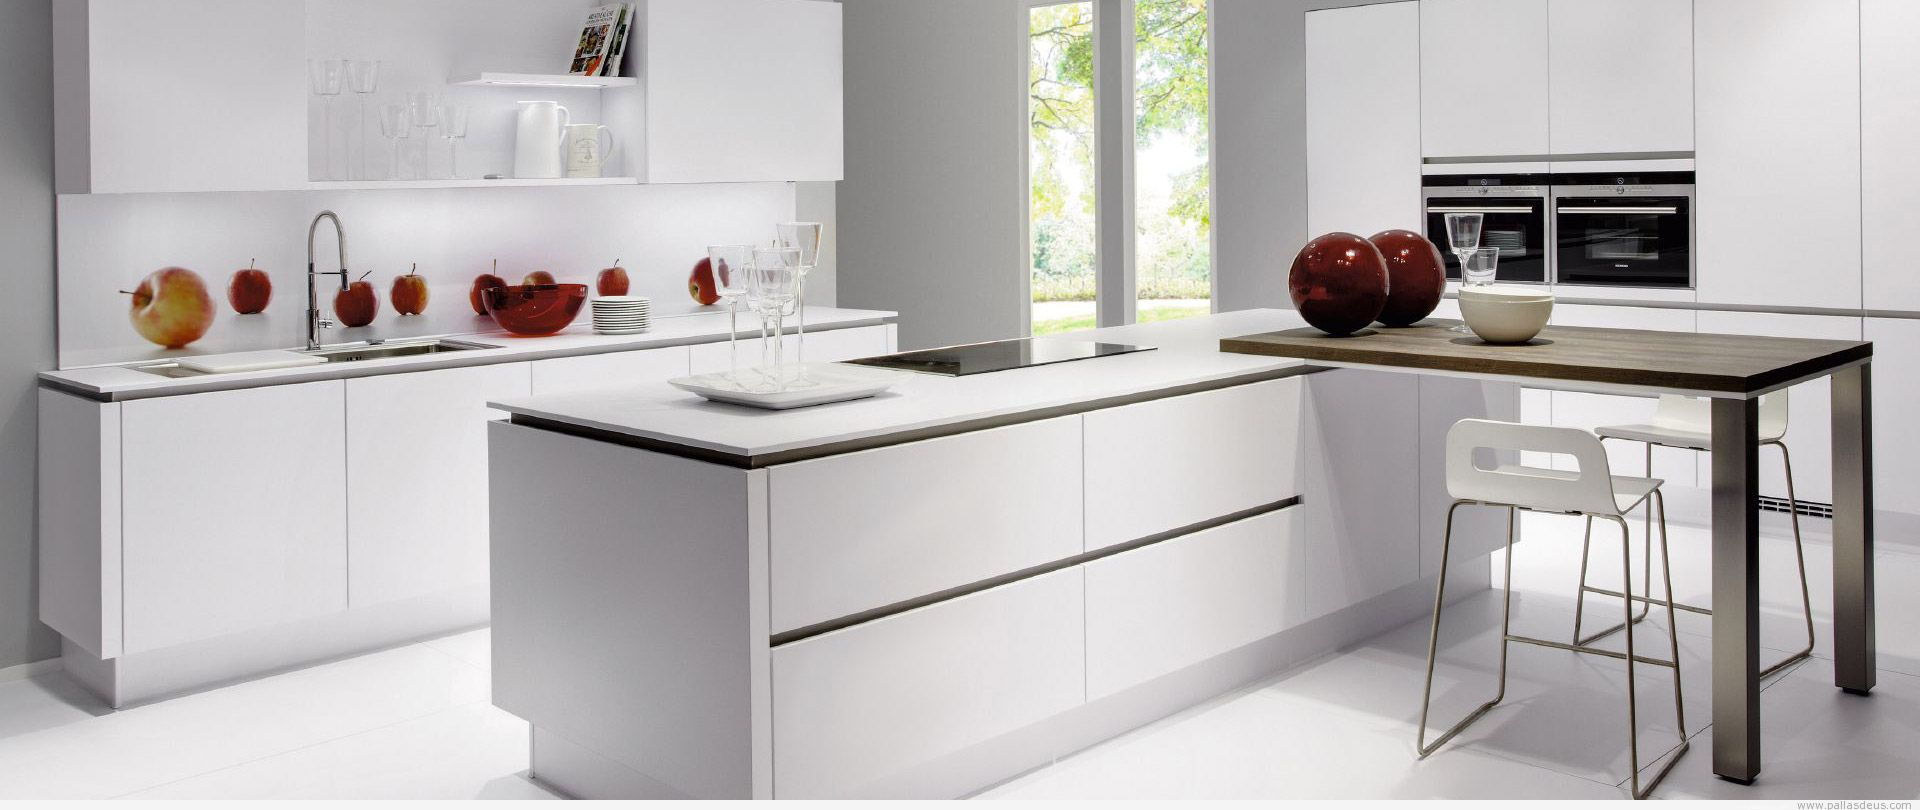 Muebles de cocina ikea modulos - Modulos de cocina ...